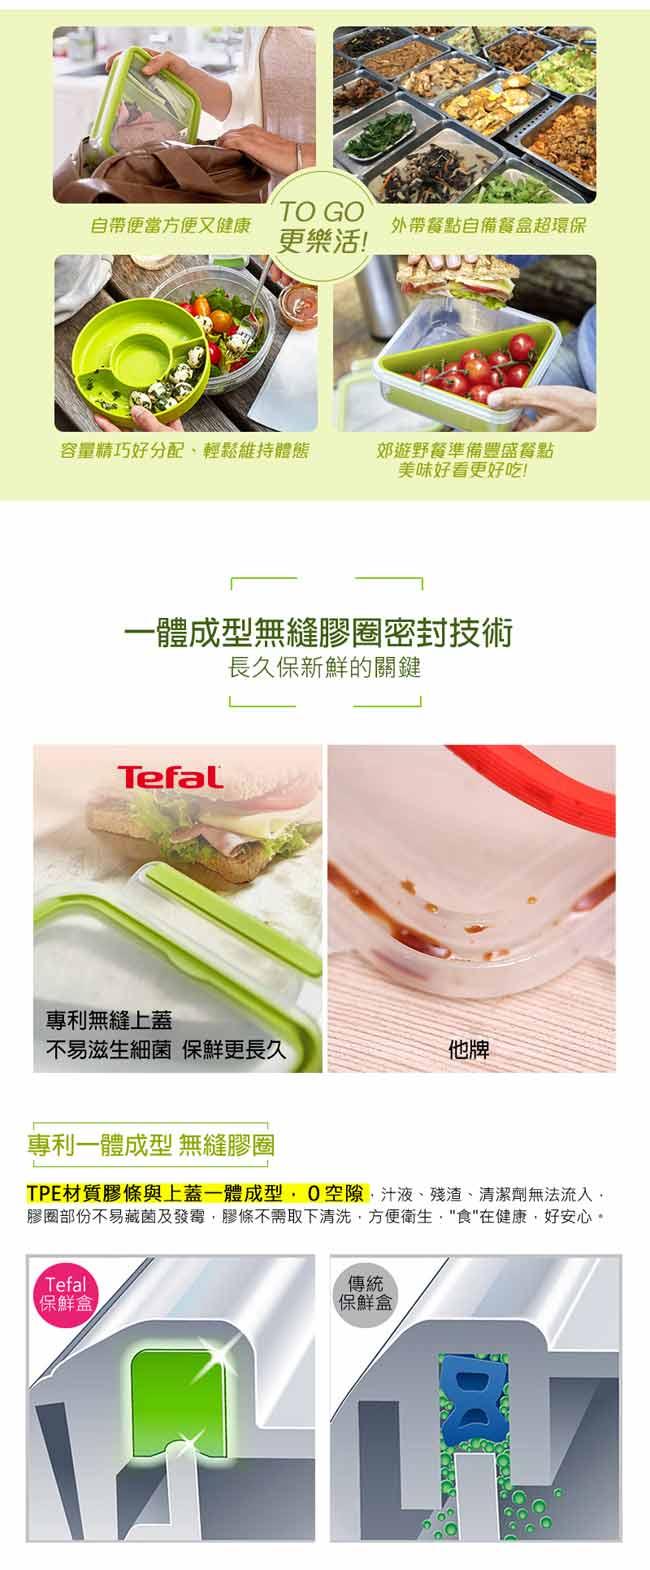 Tefal 特福 德國EMSA原裝 樂活系列PP保鮮盒(優格盒+三明治盒)